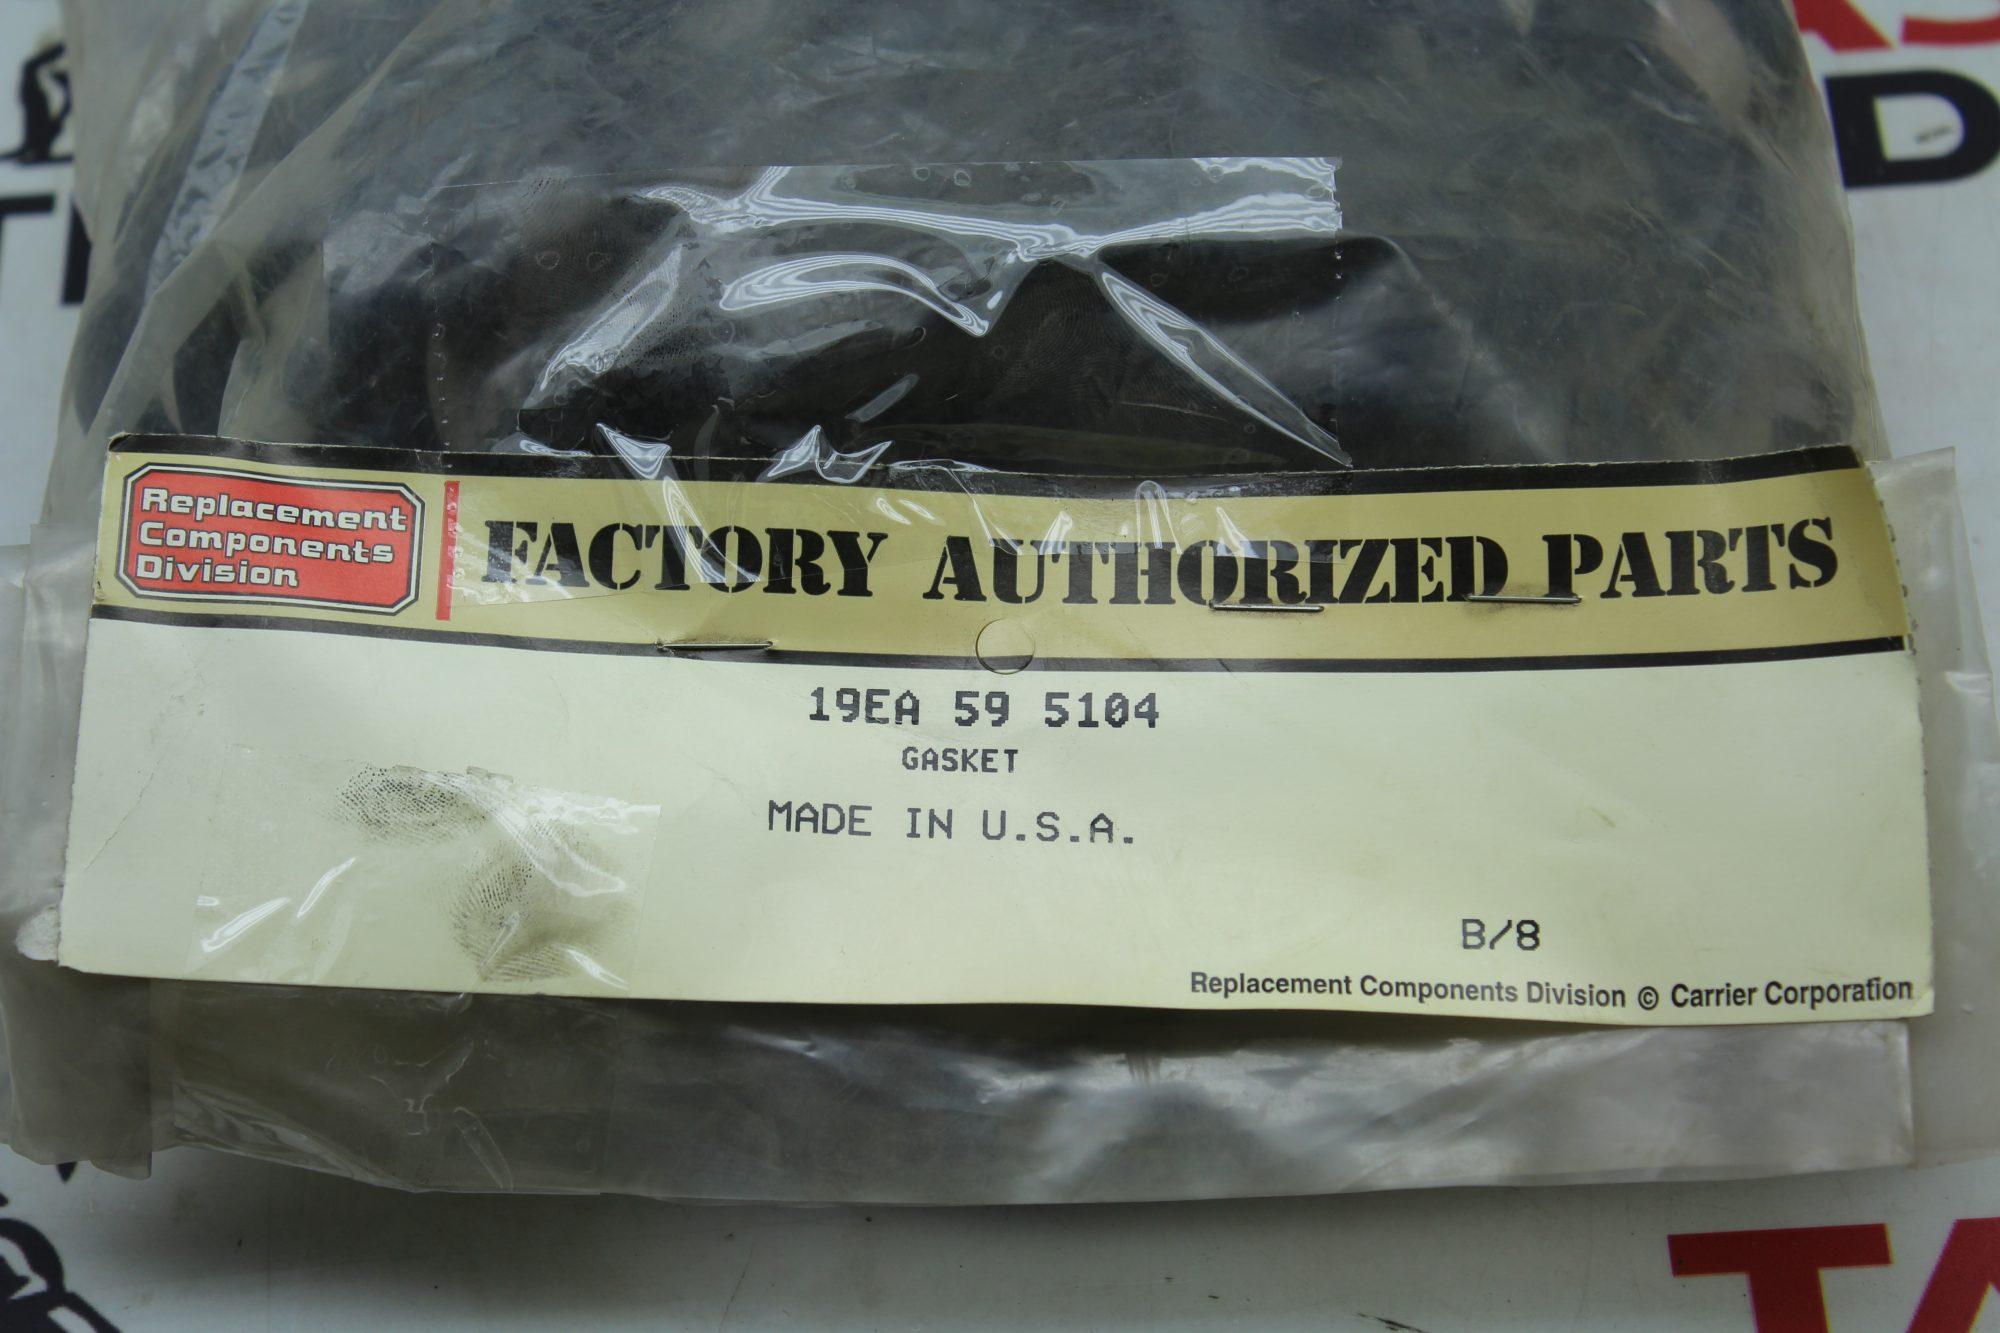 Factory Authorized Parts 59 5104 Gasket 19ea